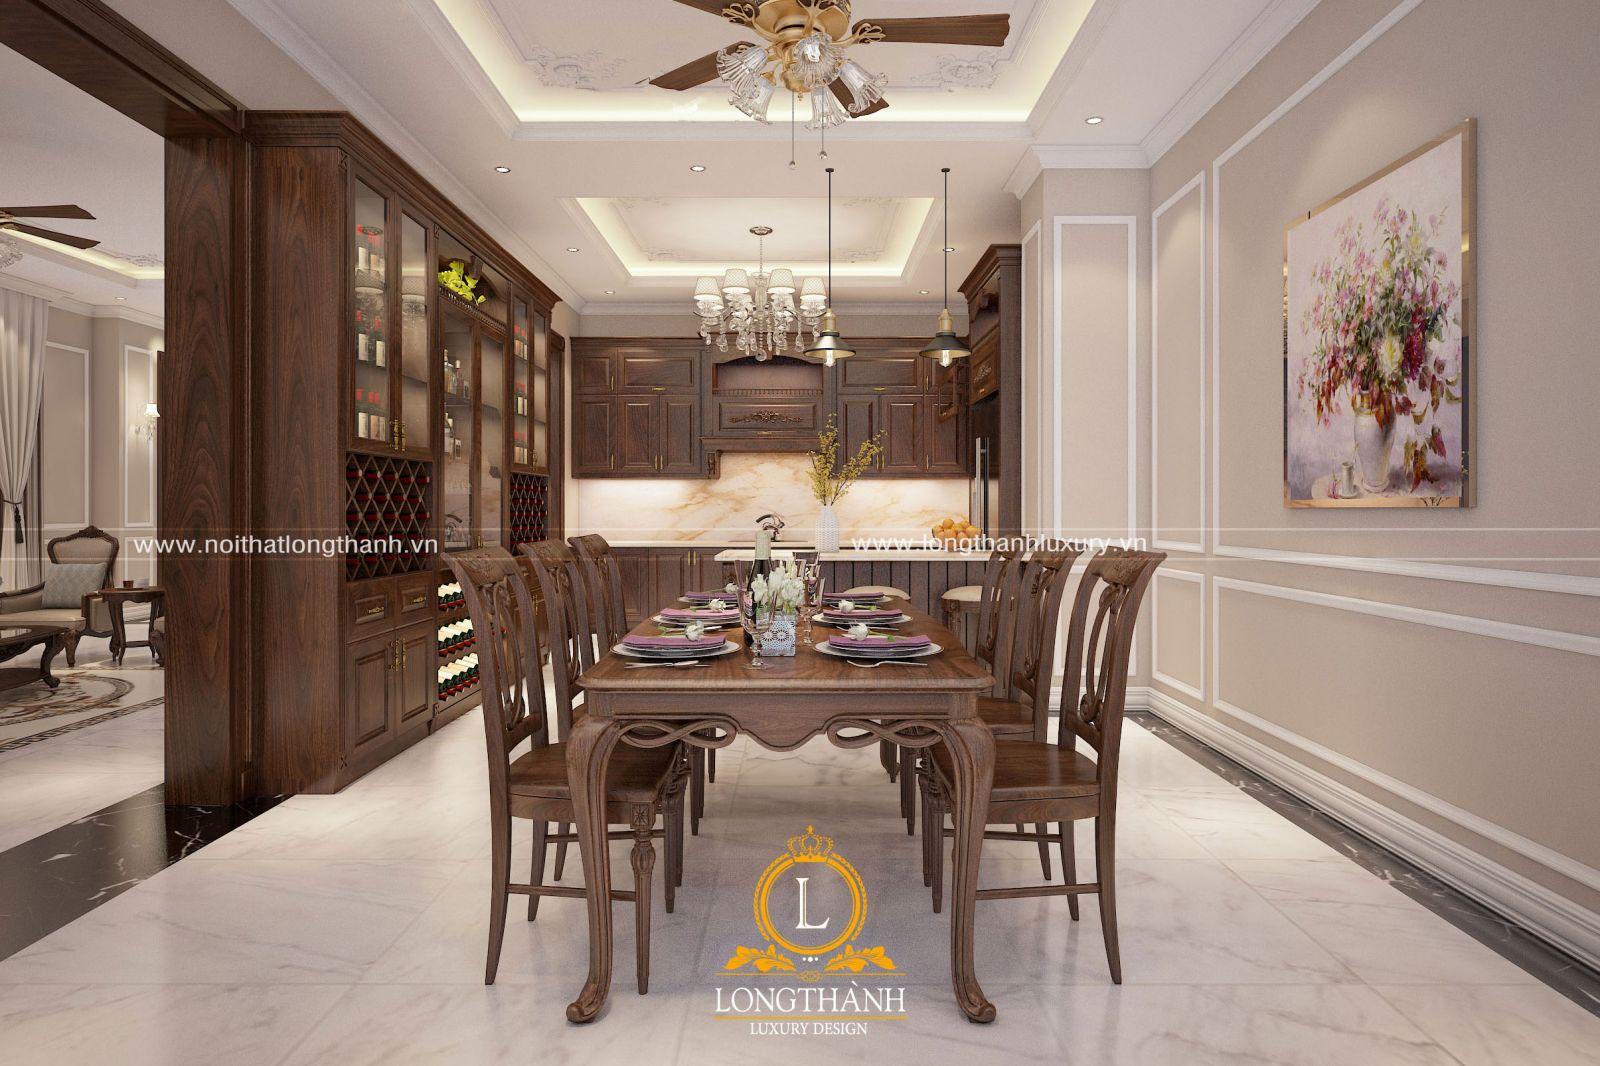 Thiết kế nội thất phòng bếp với bộ bàn ghế ăn gỗ tự nhiên cao cấp